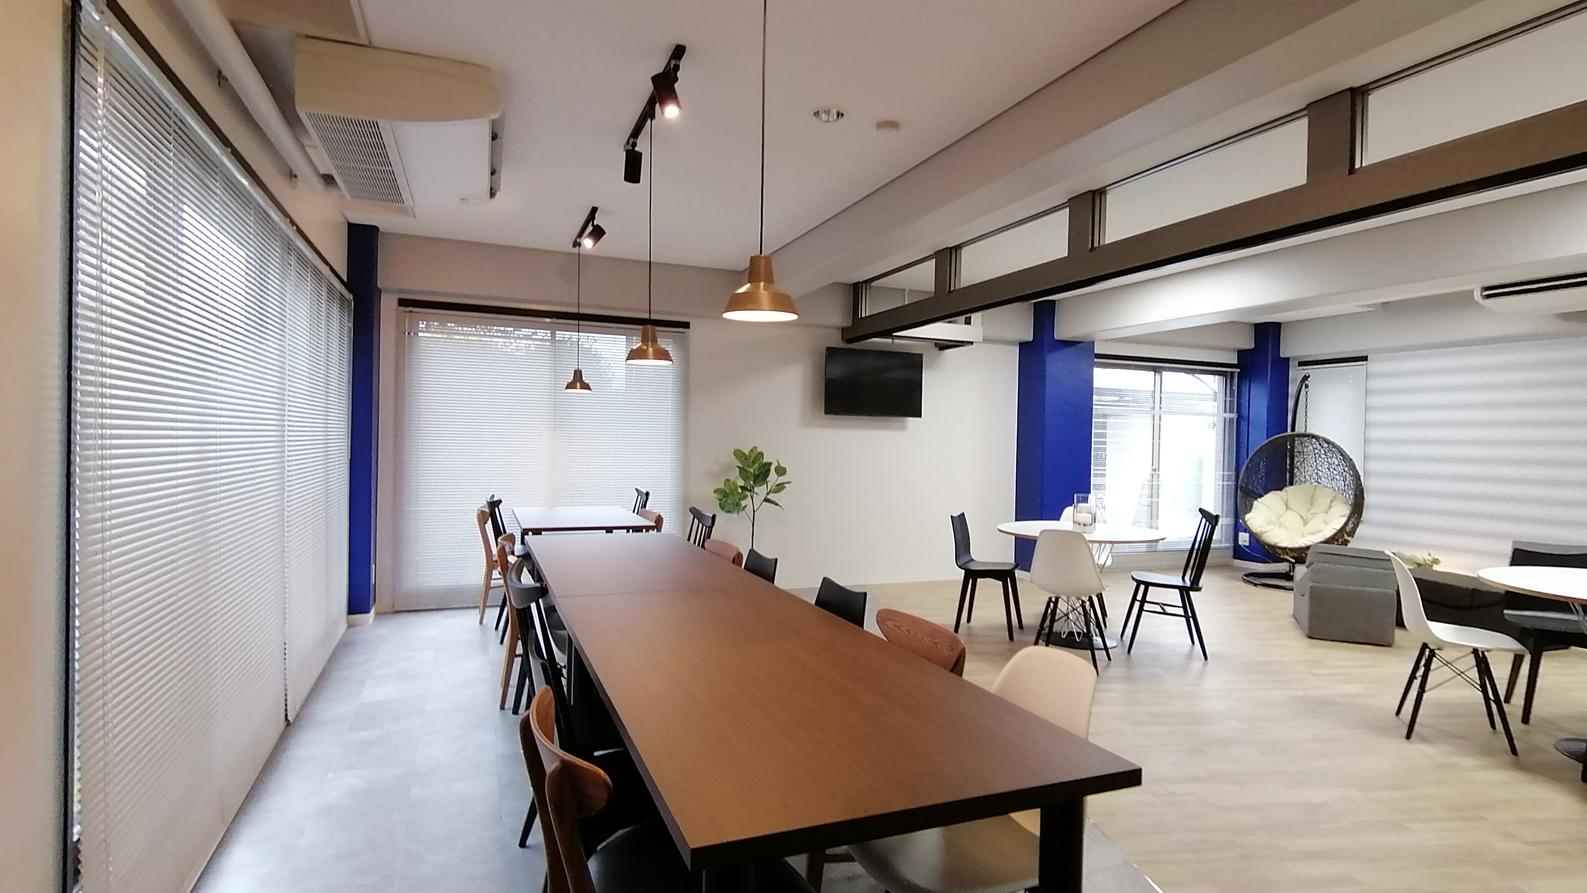 インダストリアル系家具が並ぶダイニングゾーン